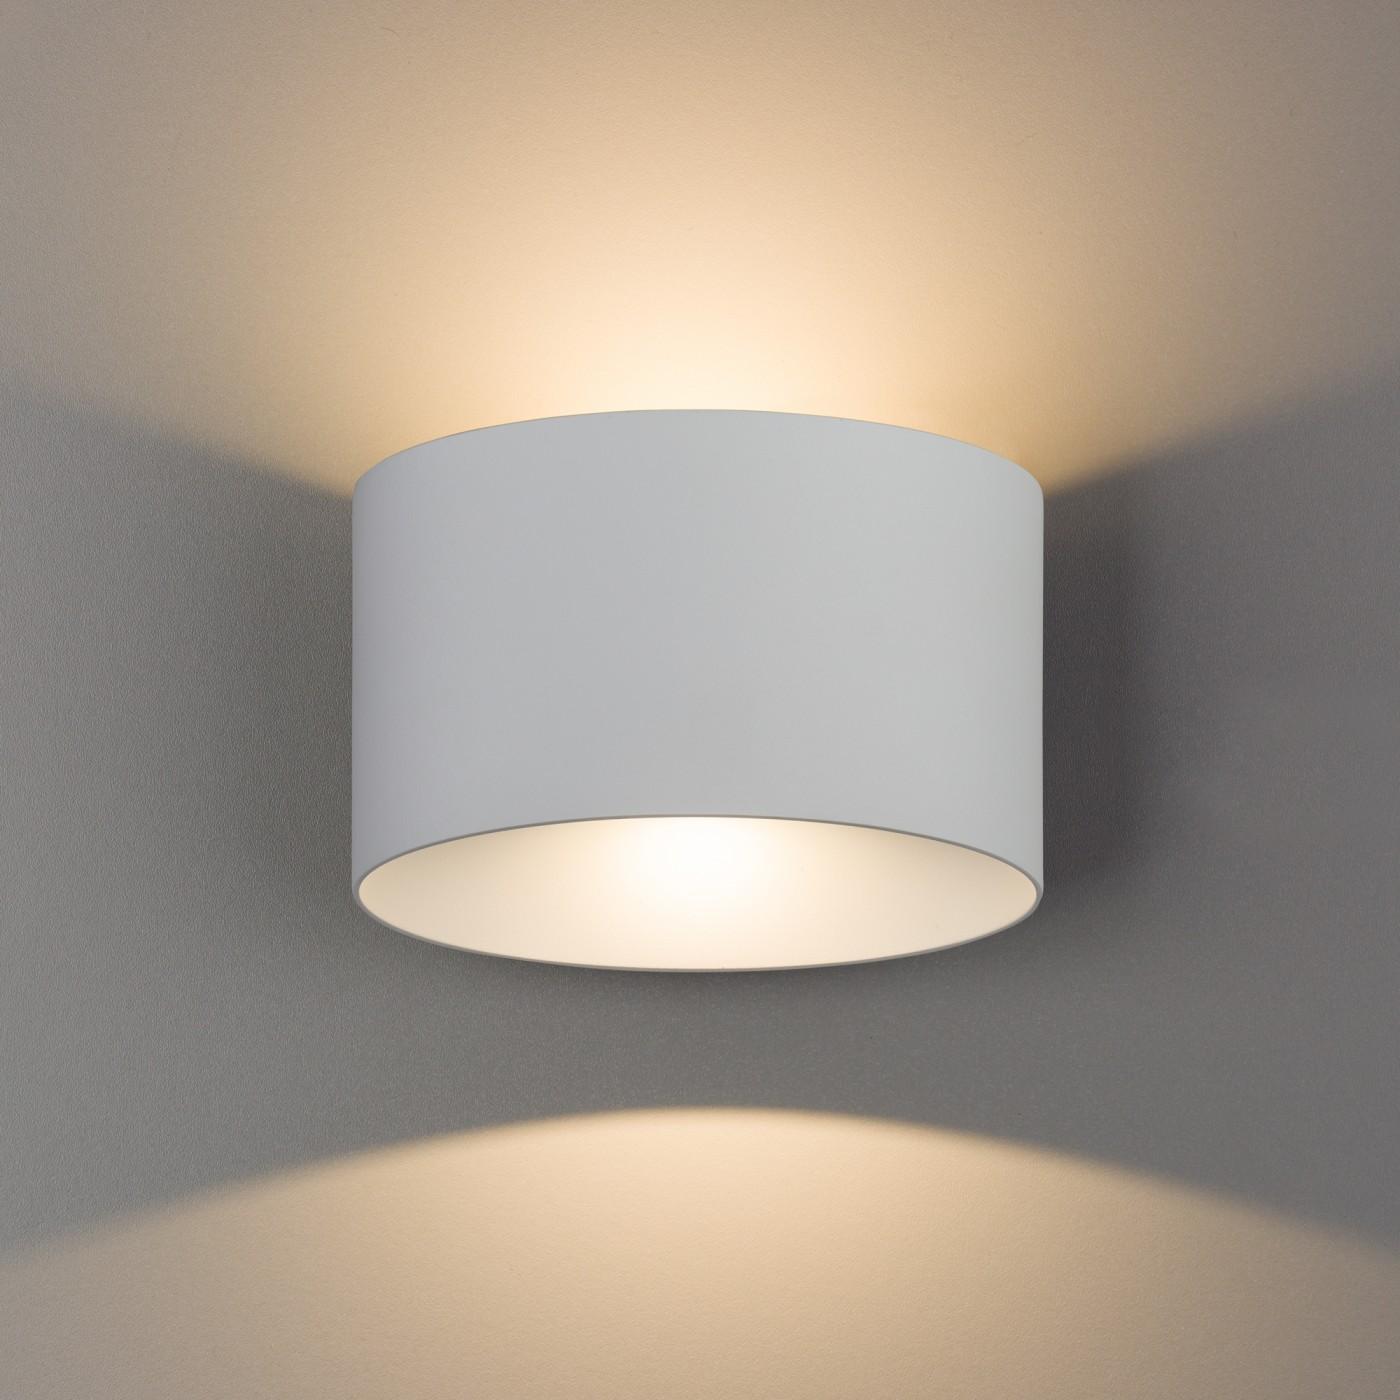 ELLIPSES LED white 8140 Nowodvorski Lighting